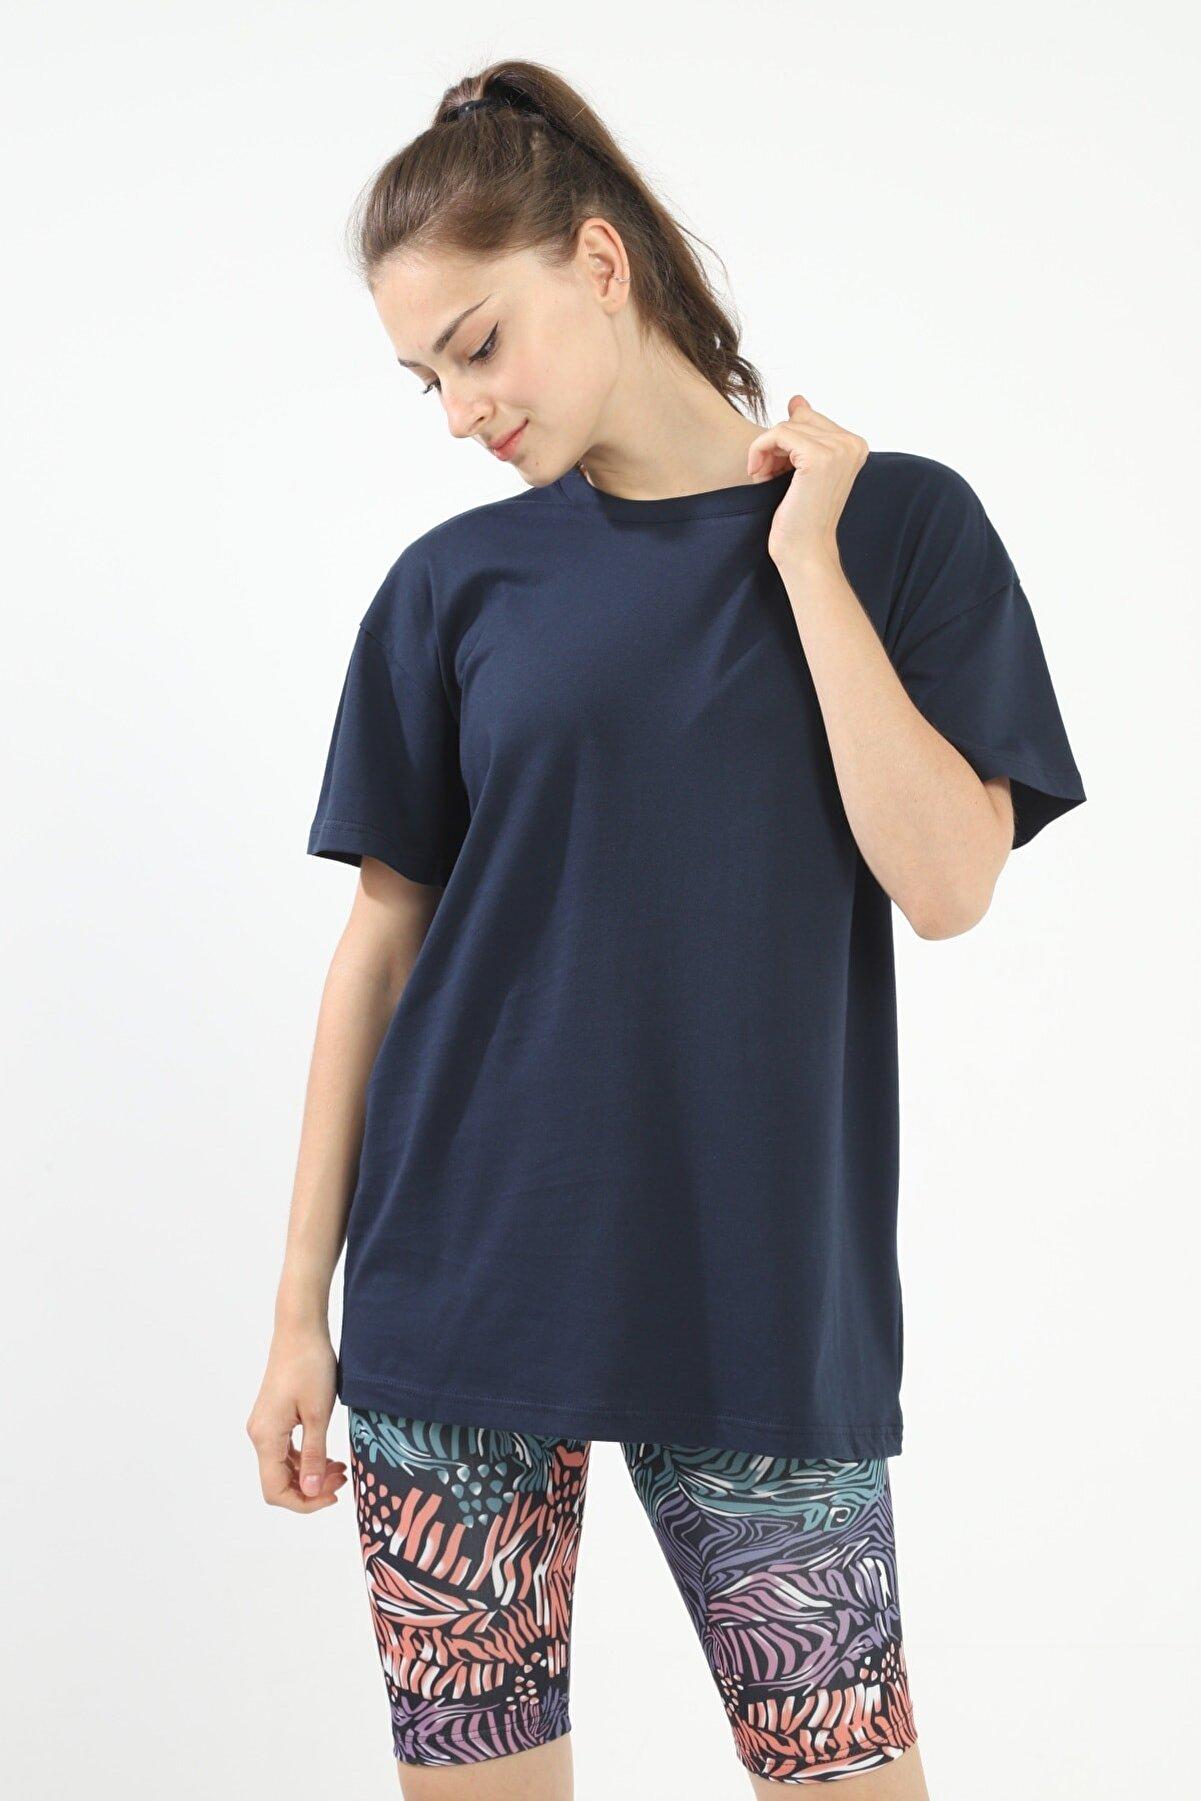 Grenj Fashion Lacivert %100 Pamuk Bisiklet Yaka Oversize Örme Tshirt